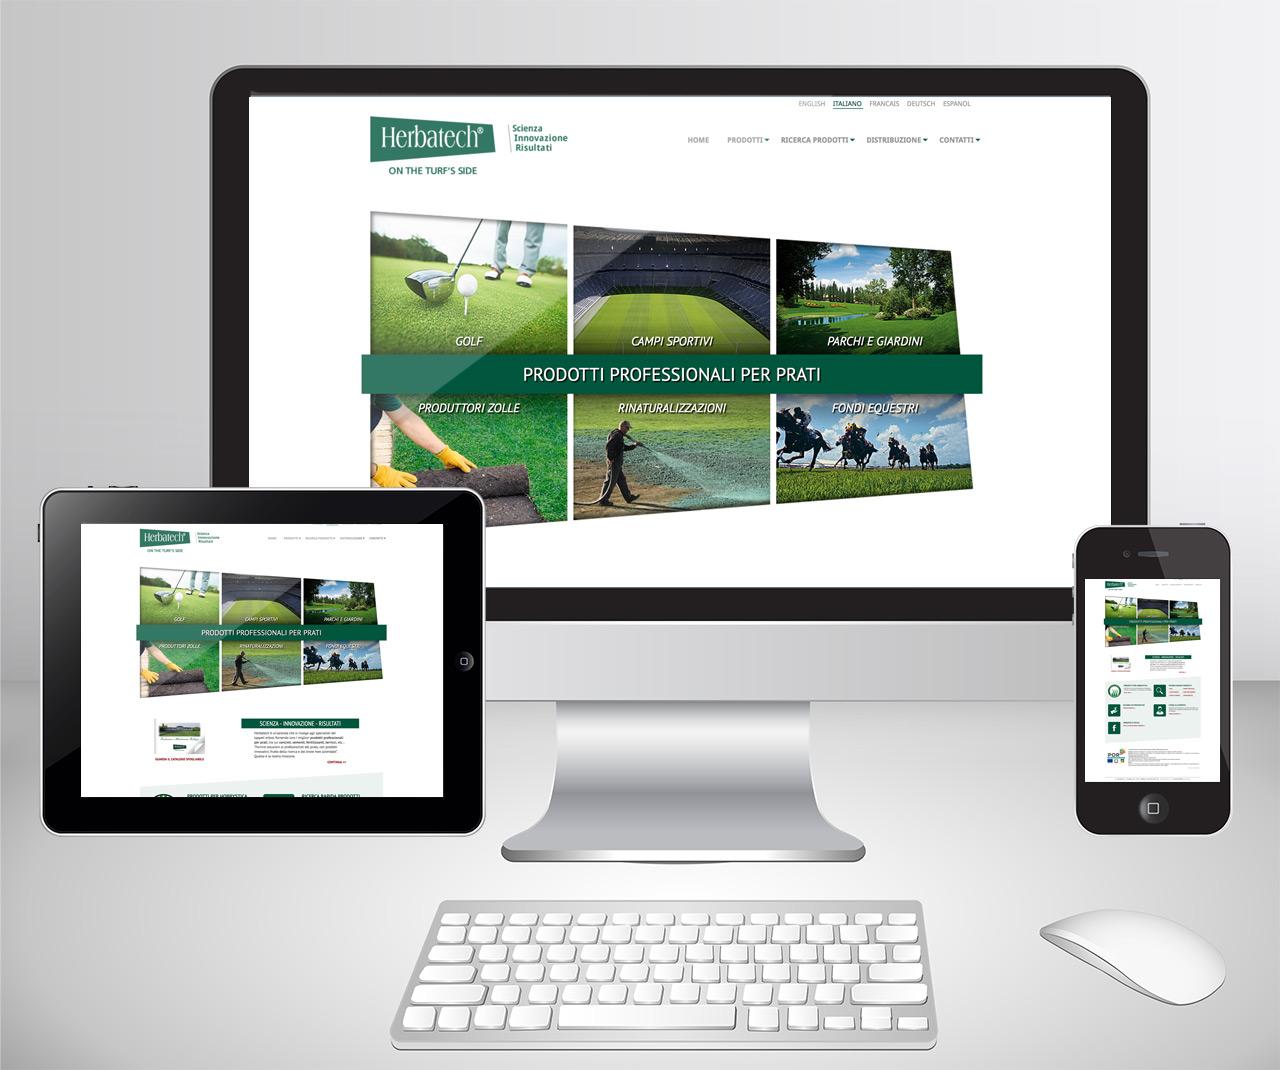 sito internet Herbatech